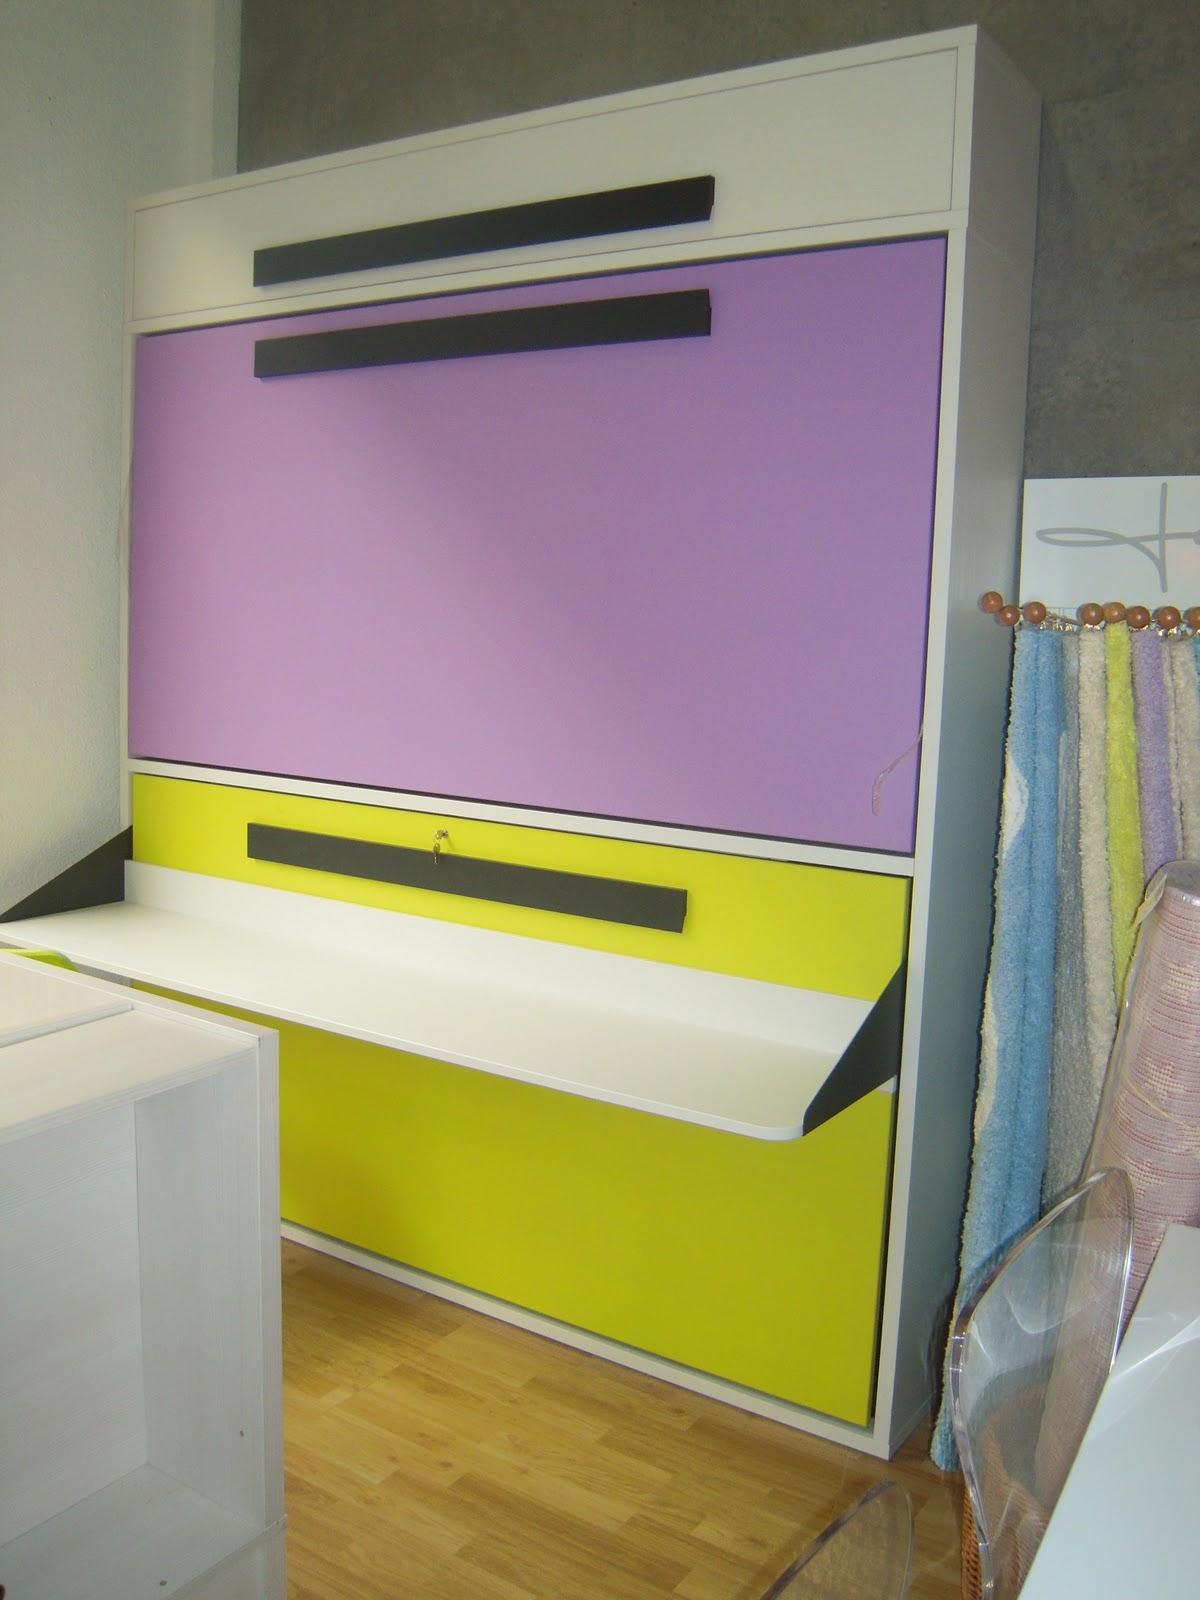 Tienda muebles modernos muebles de salon modernos salones for Cama 80x180